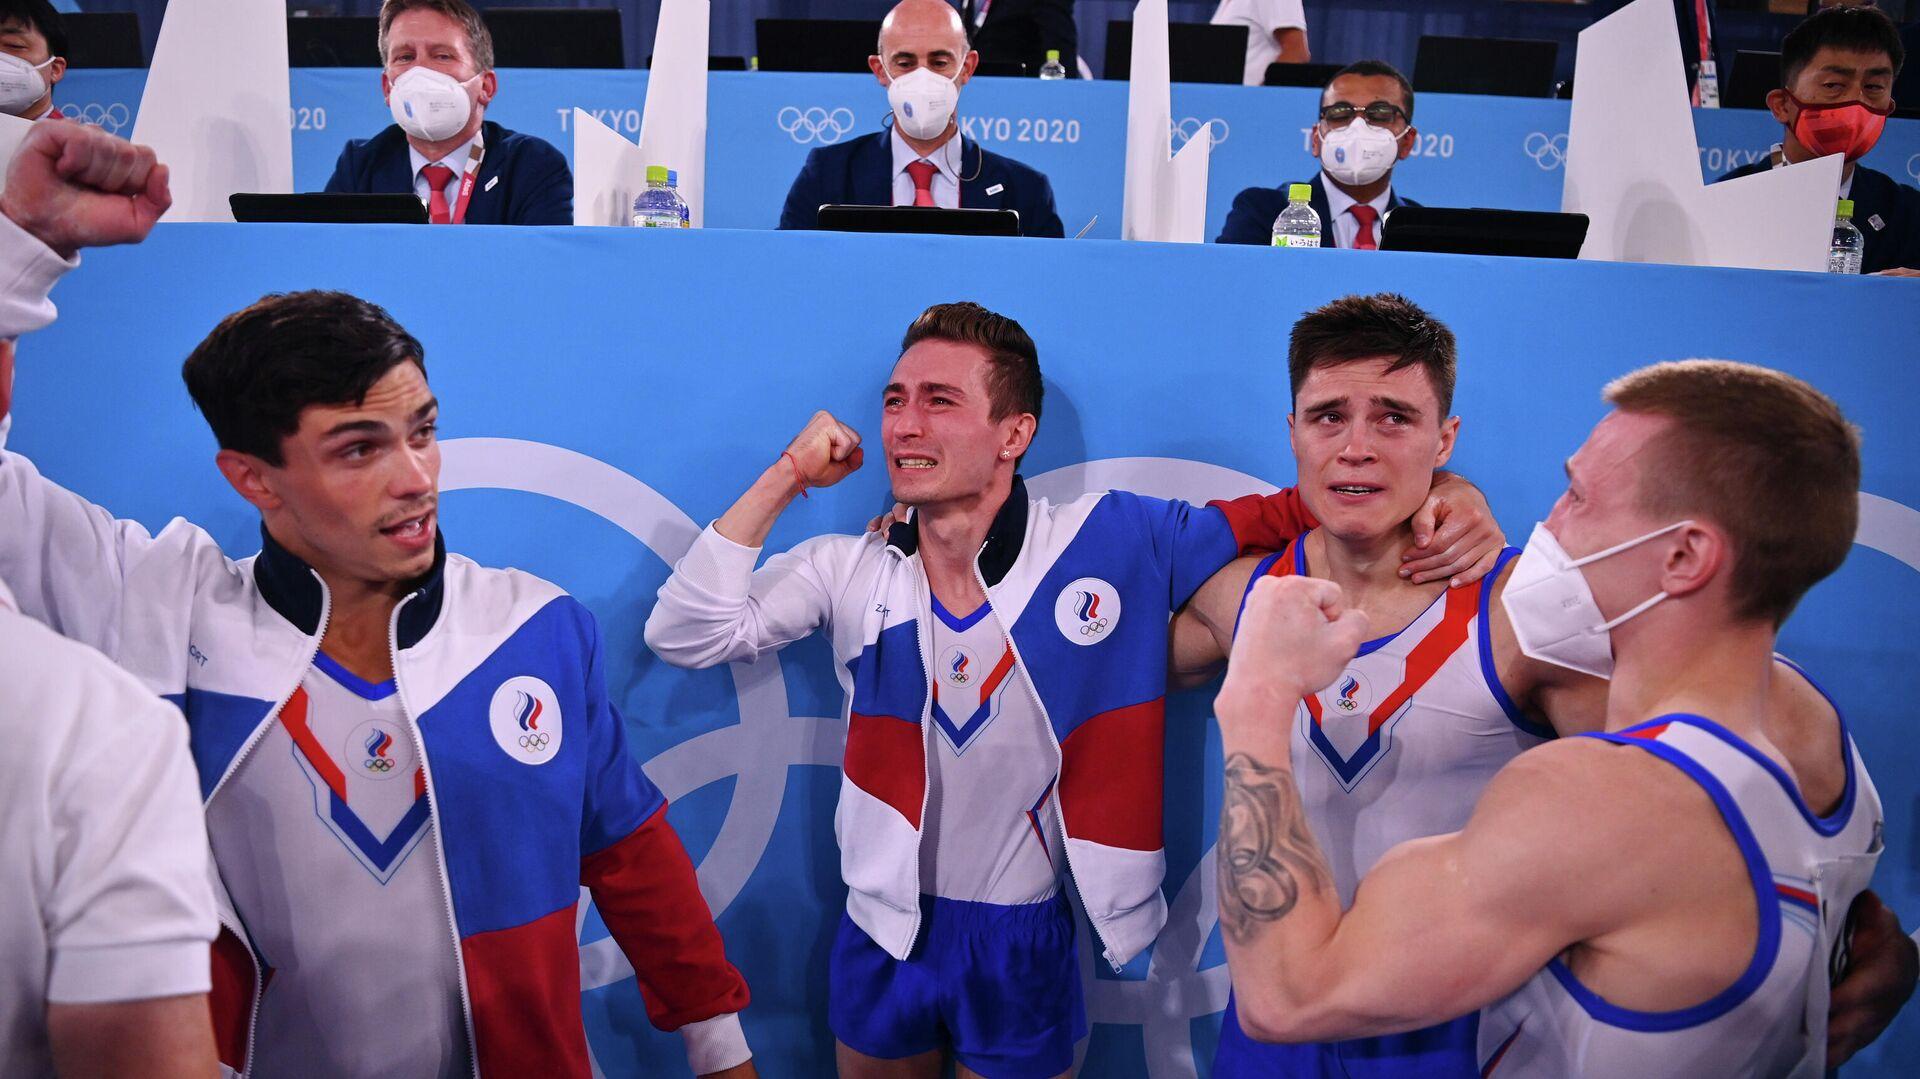 Российские гимнасты после победы на Олимпийских играх в Токио - РИА Новости, 1920, 26.07.2021